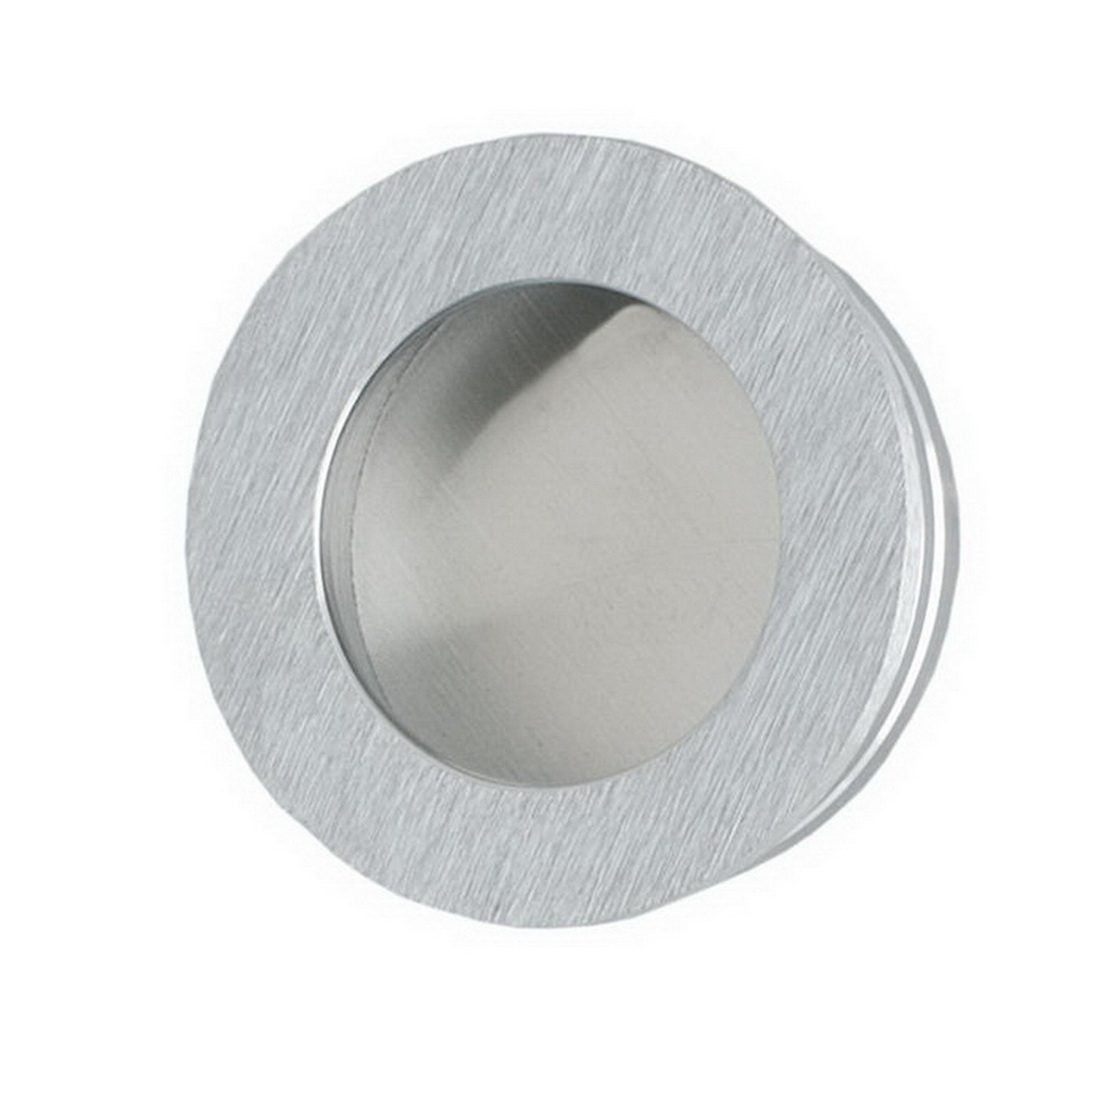 Round Flush Finger Pull 30mm Satin Chrome 744SC30